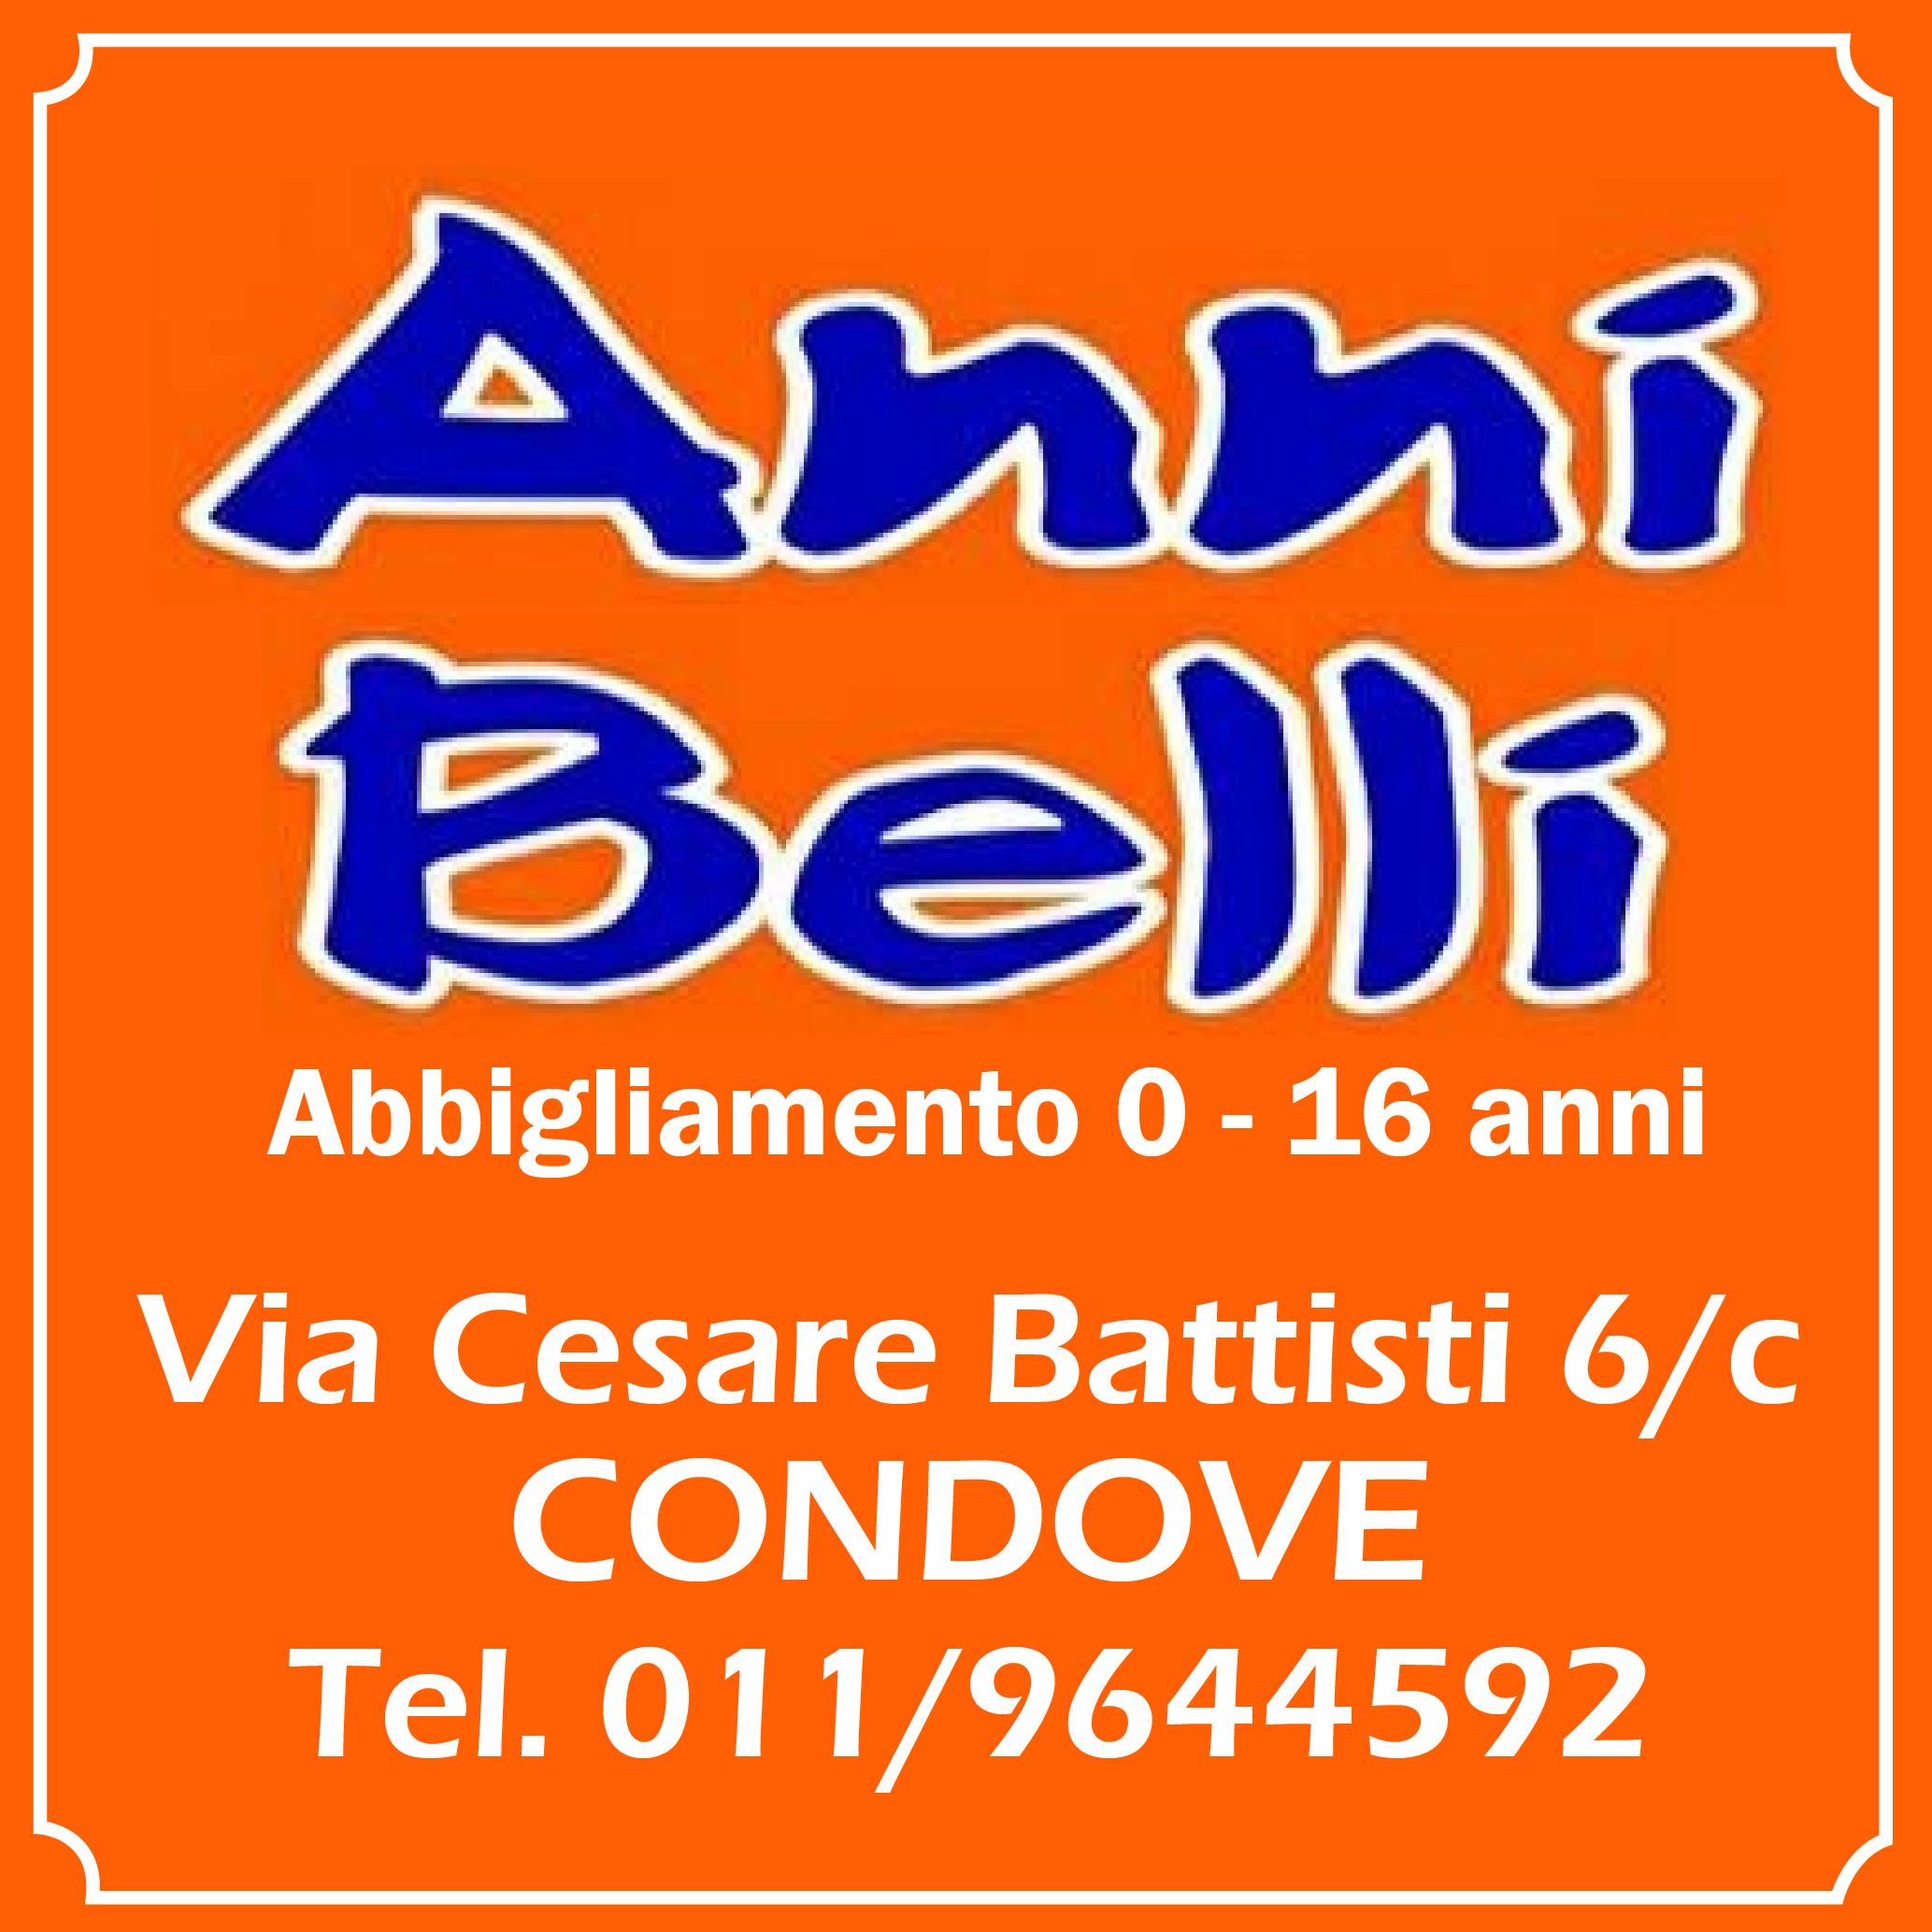 ANNI BELLI